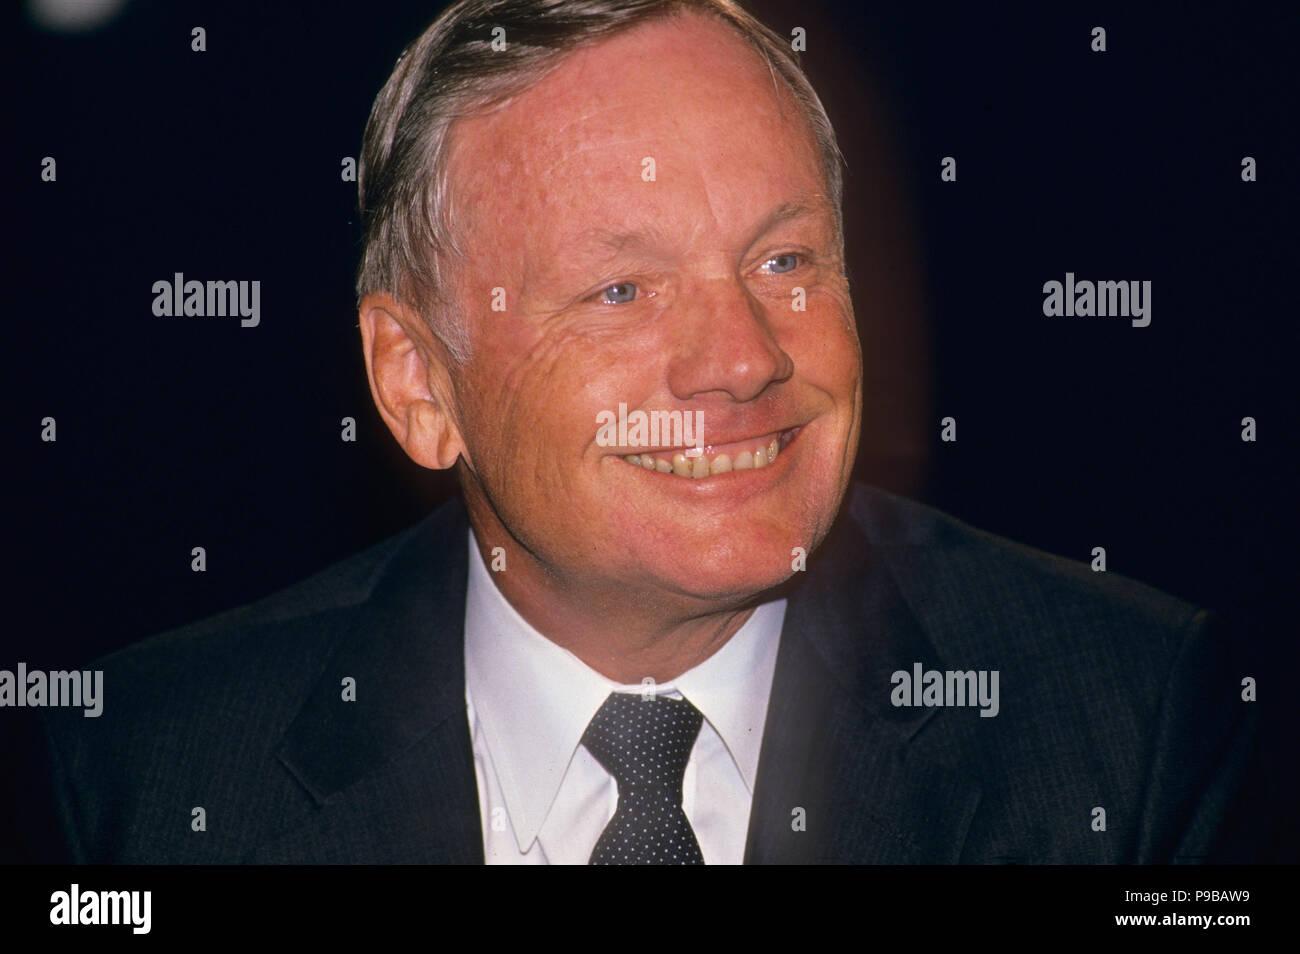 NEIL ARMSTRONG (1930-2012) L'astronaute américain à propos de 1990 Banque D'Images